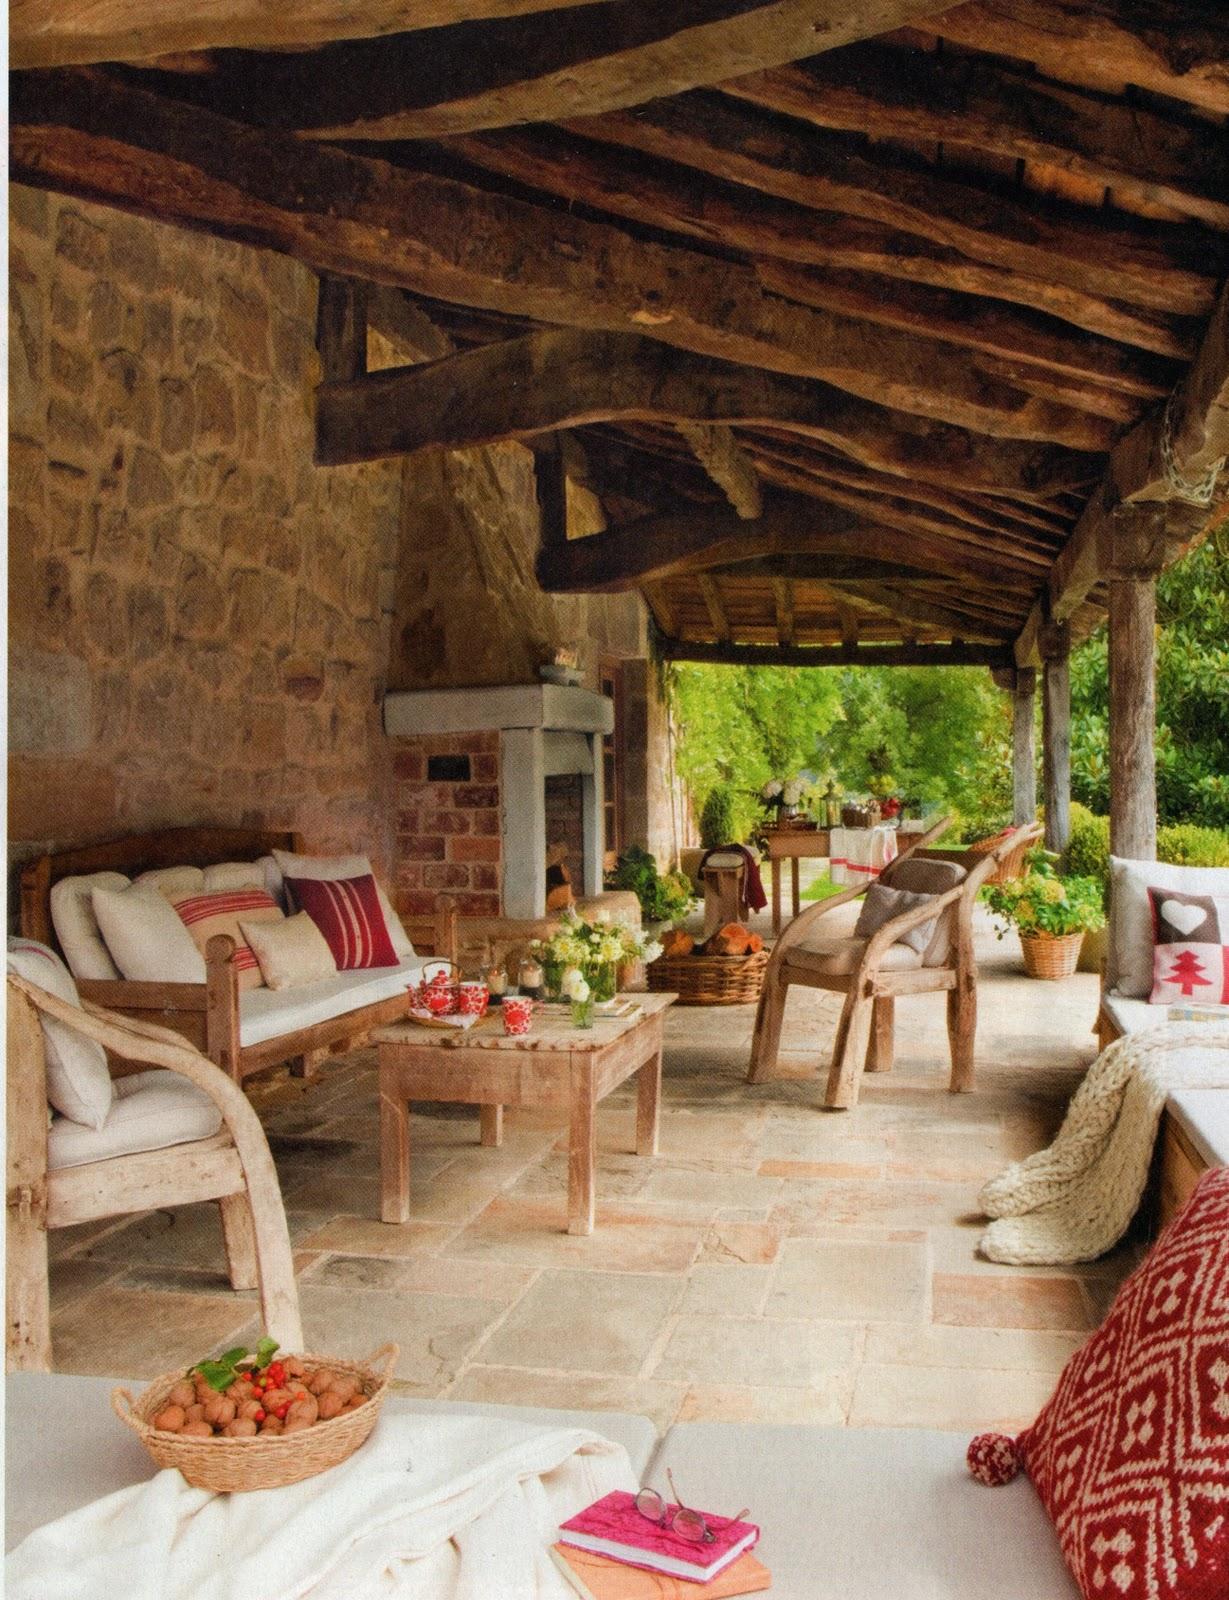 Decoraci n c mo decorar el porche de la casa de campo - Porches de casas de campo ...